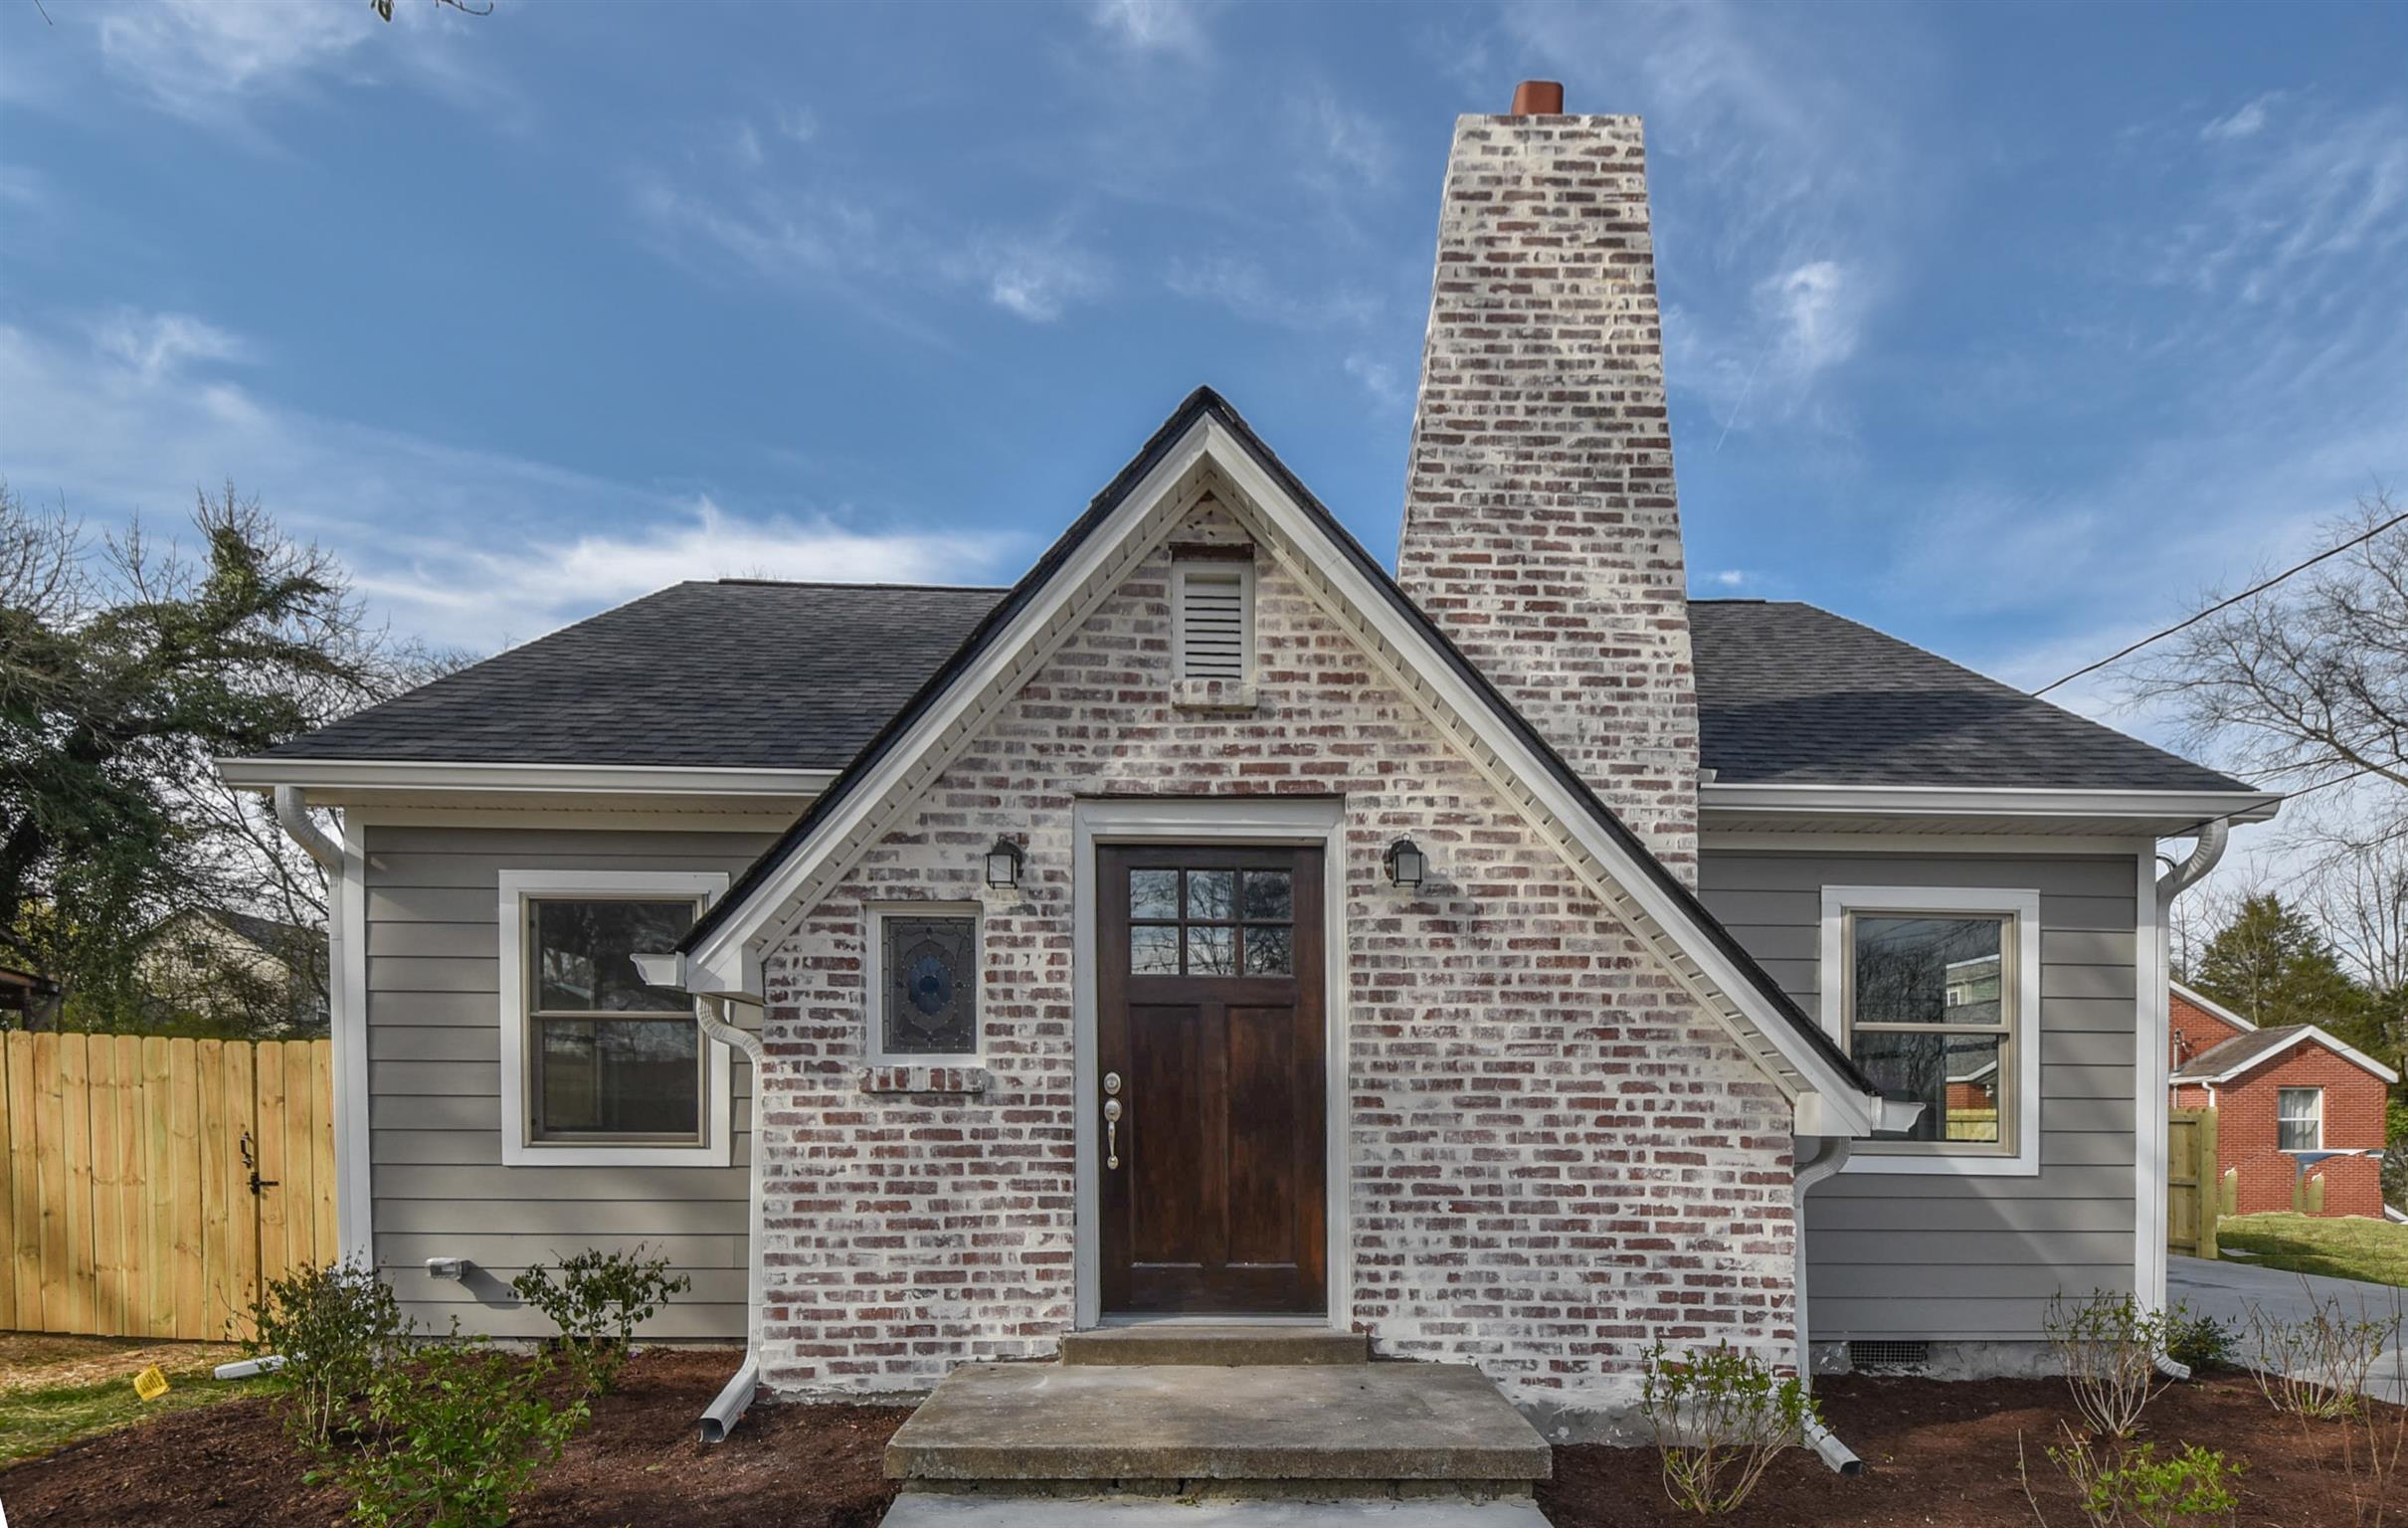 114 Nokes Dr, Hendersonville, TN 37075 - Hendersonville, TN real estate listing